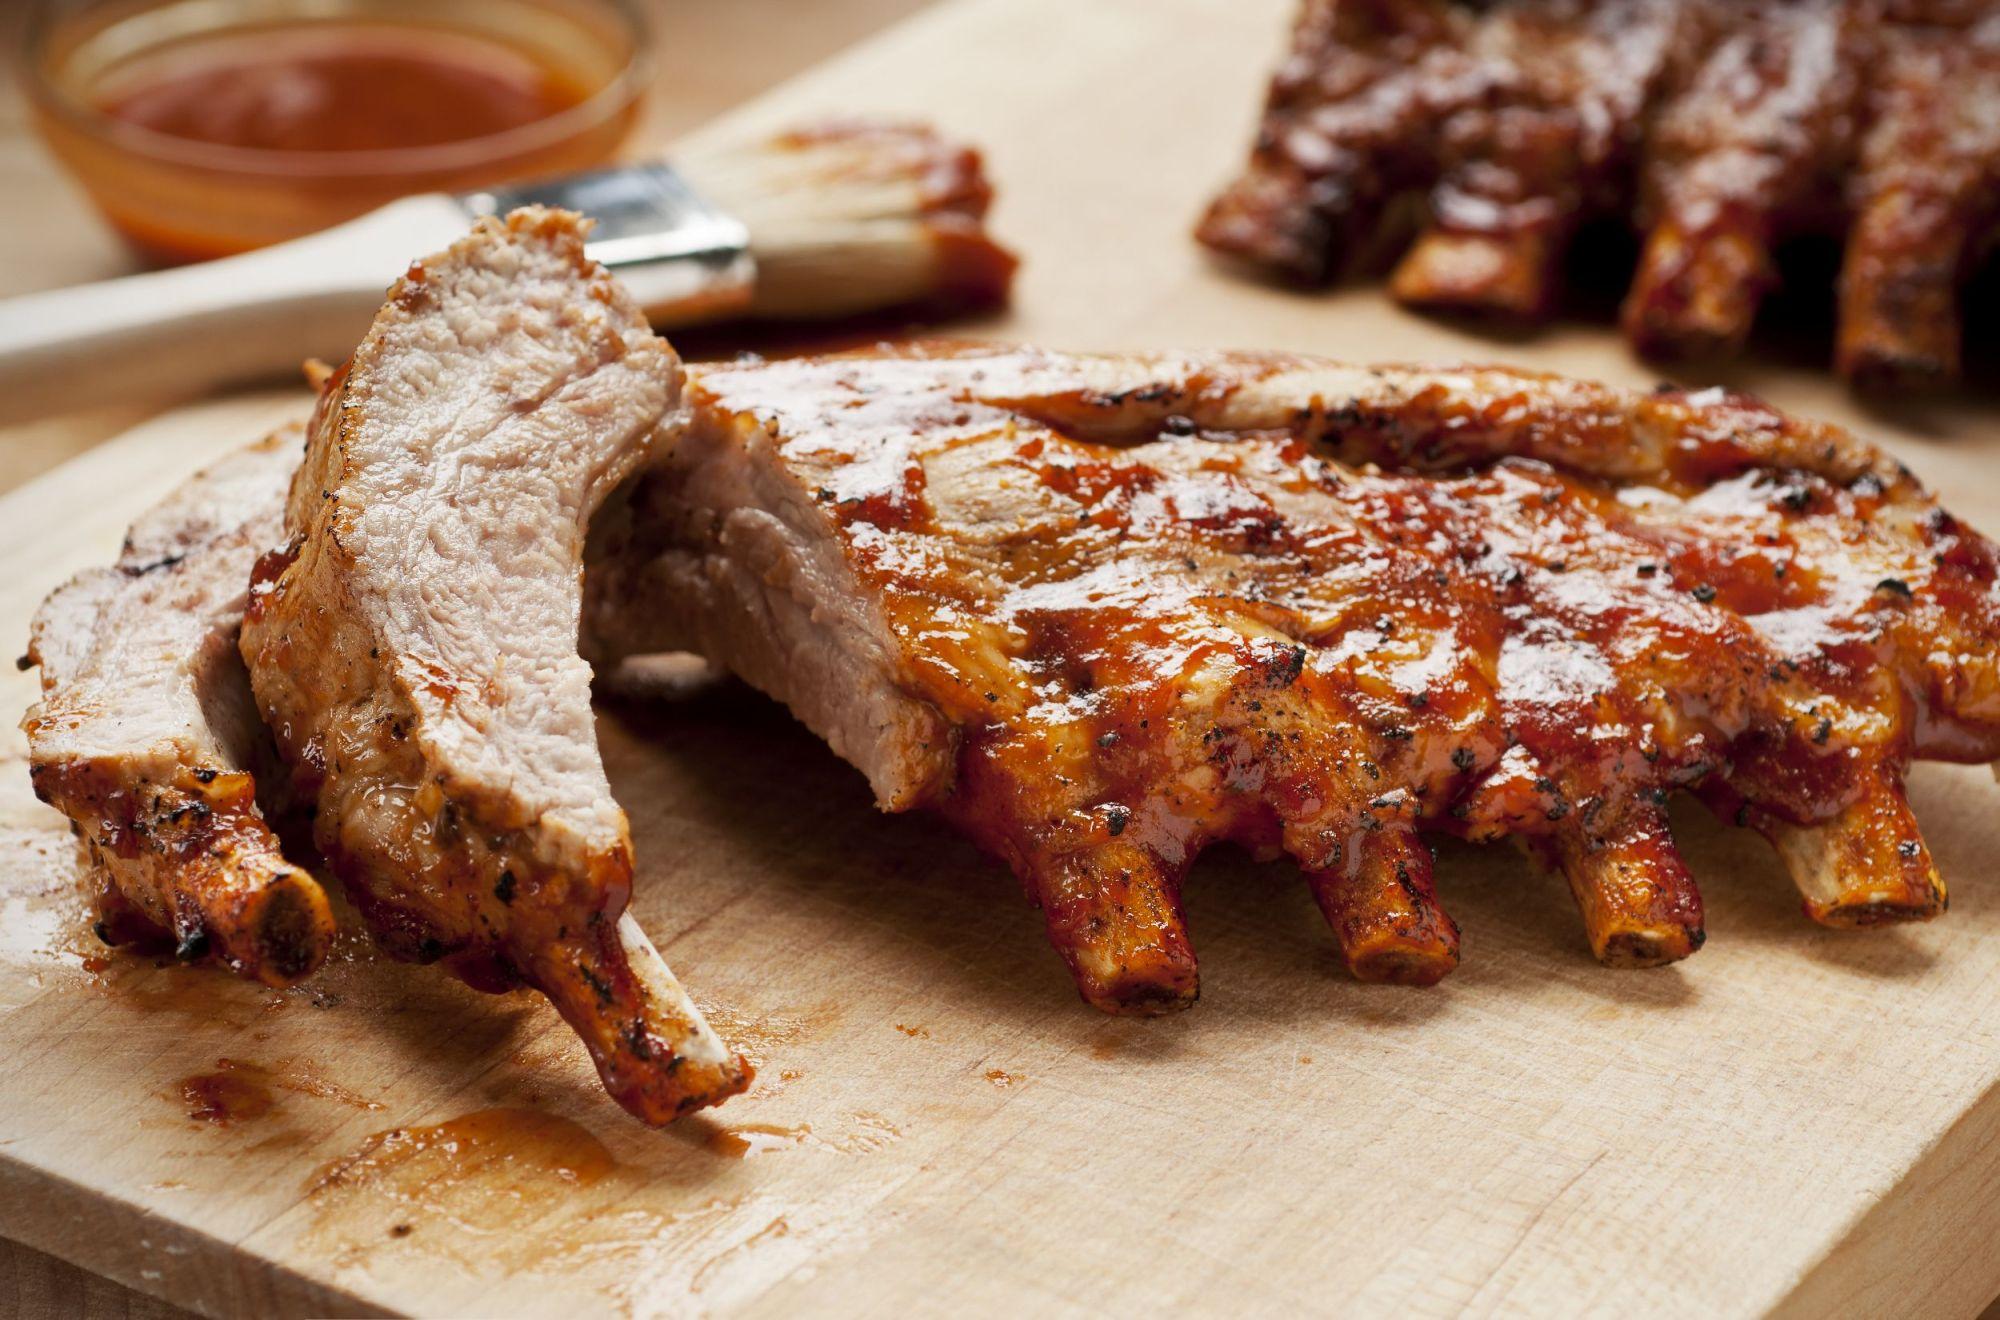 hight resolution of pork ribs desktop wallpaper hd